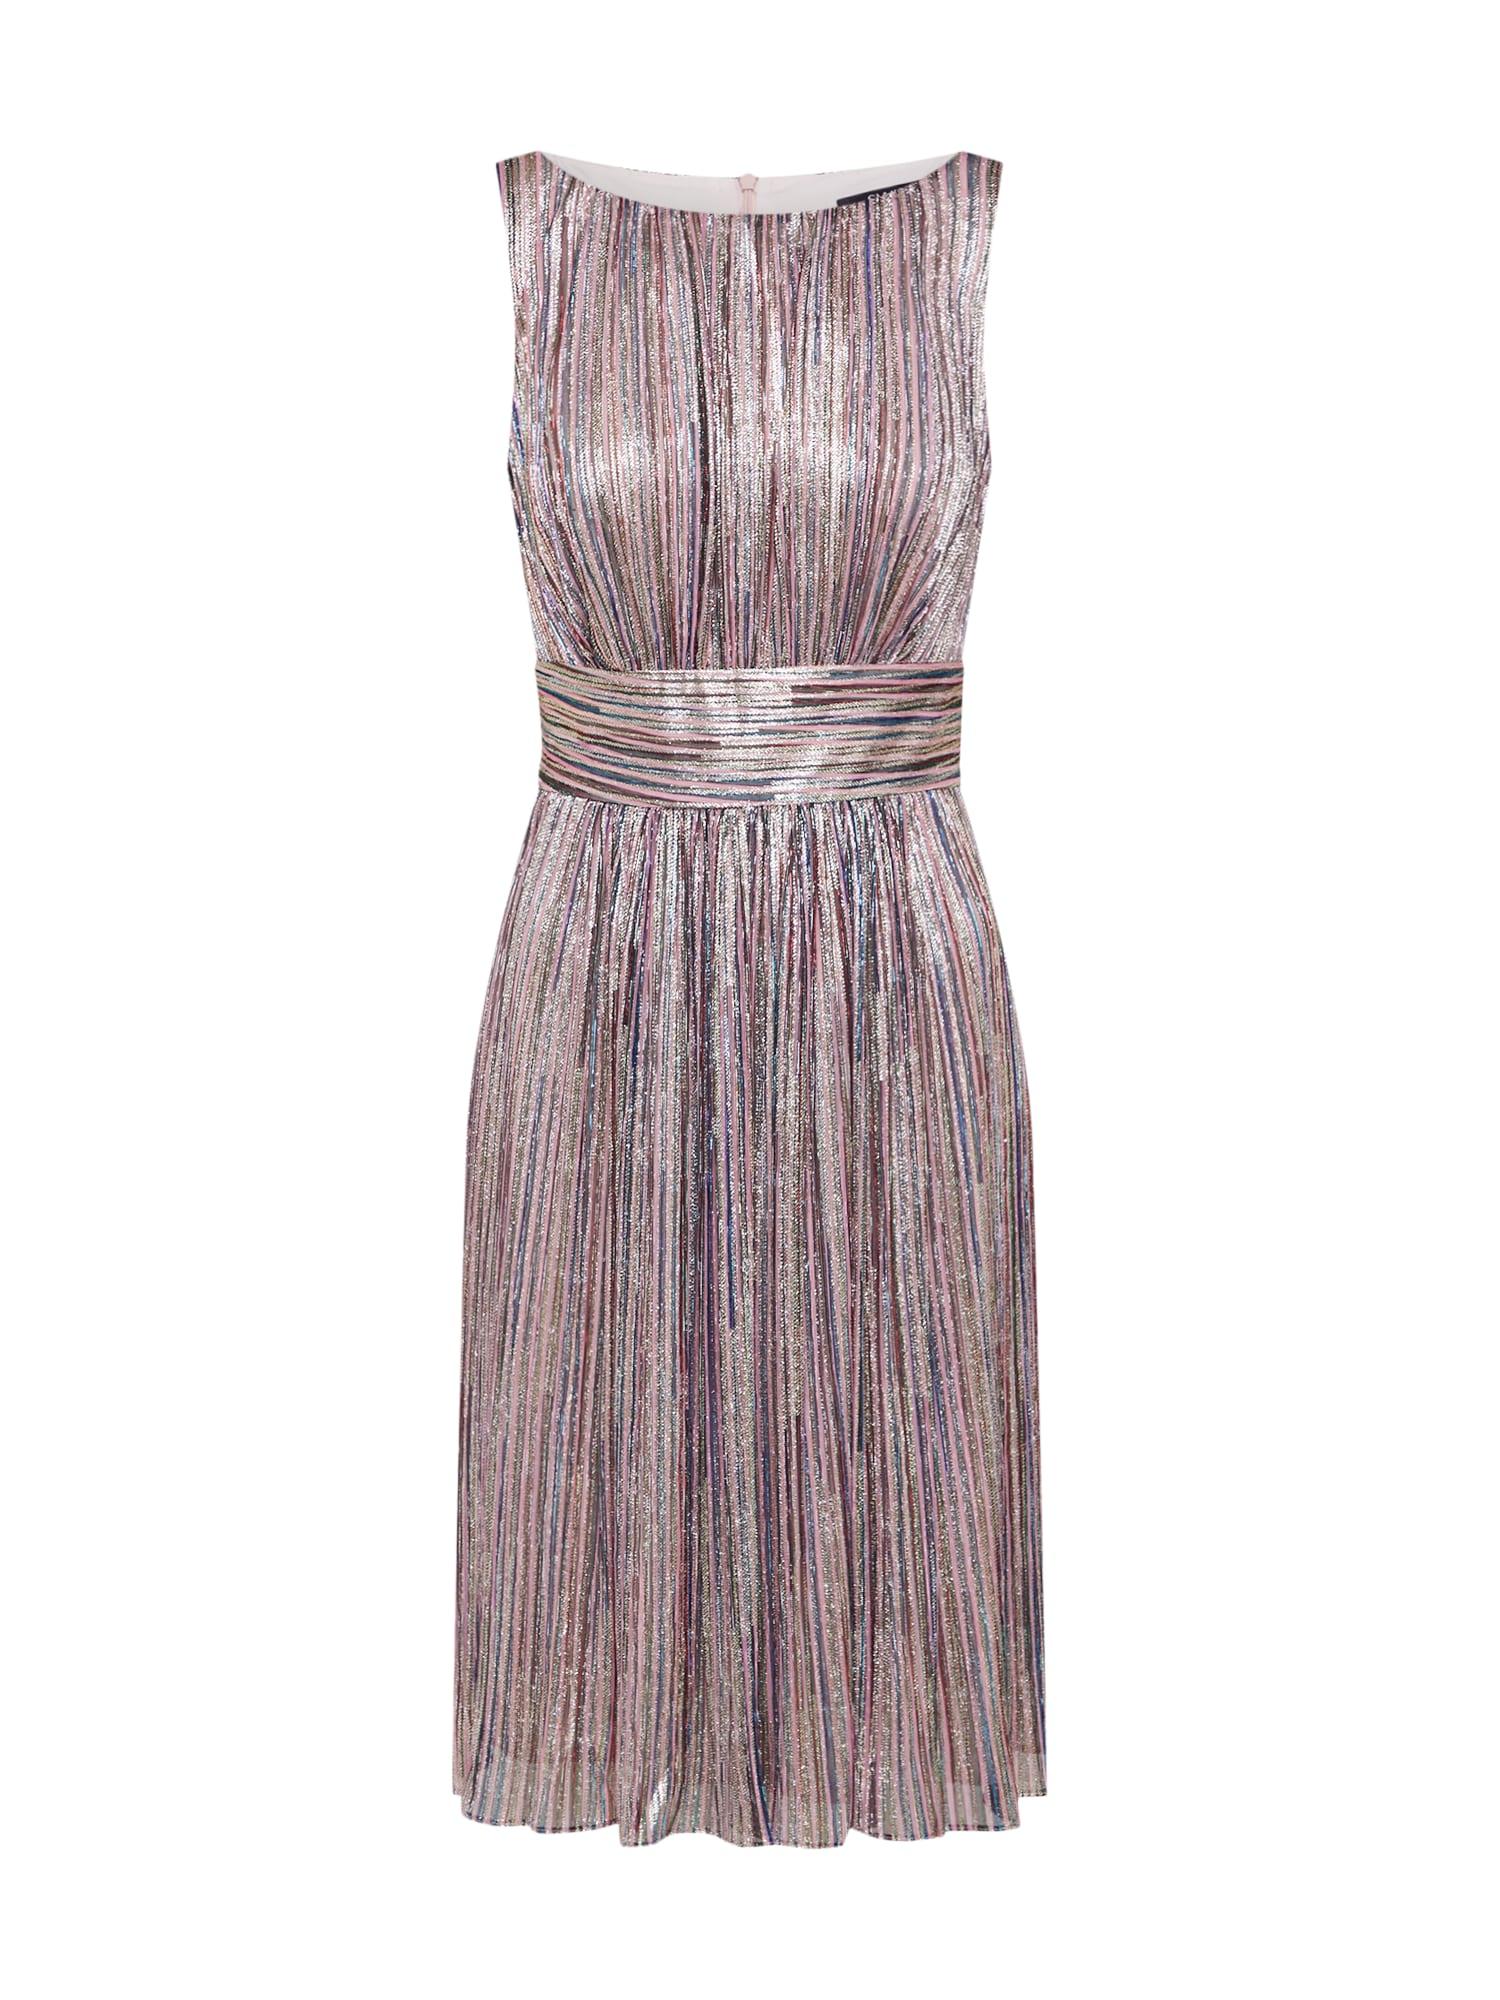 SWING Kokteilinė suknelė auksas / mišrios spalvos